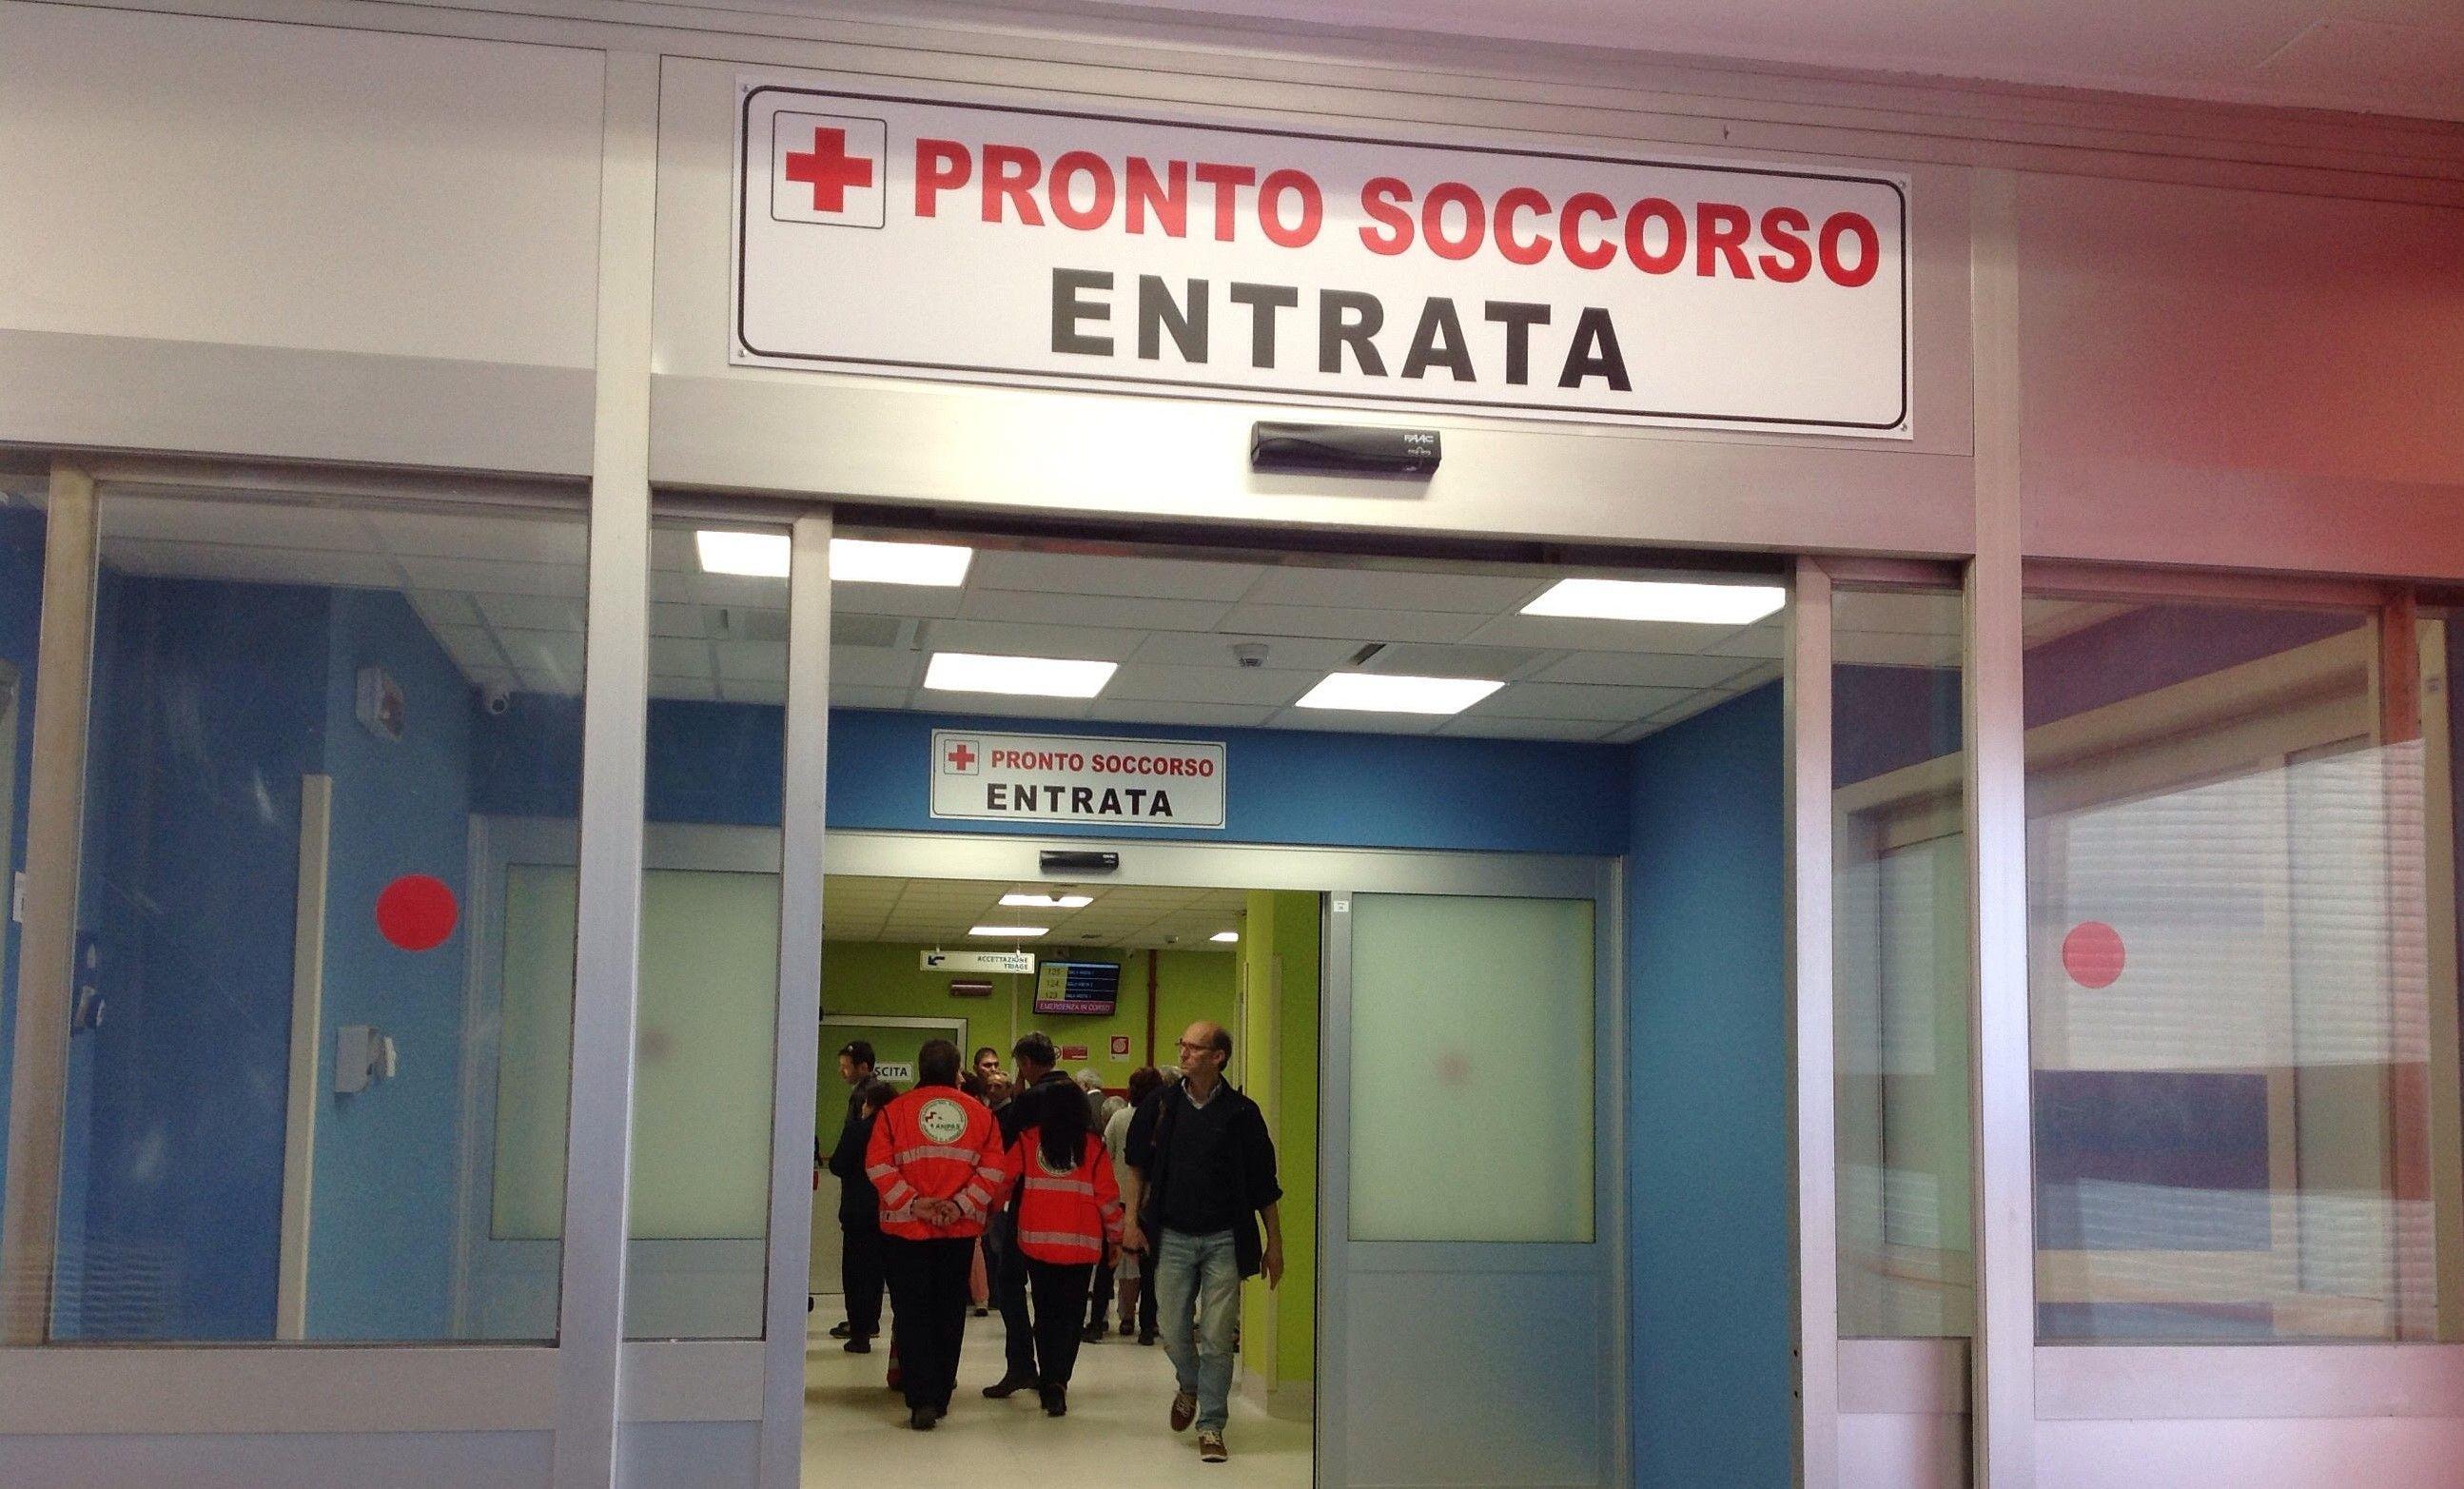 CUORGNE' - Il nuovo pronto soccorso è realtà: viaggio nel nuovo reparto costato 2 milioni di euro - FOTO e VIDEO